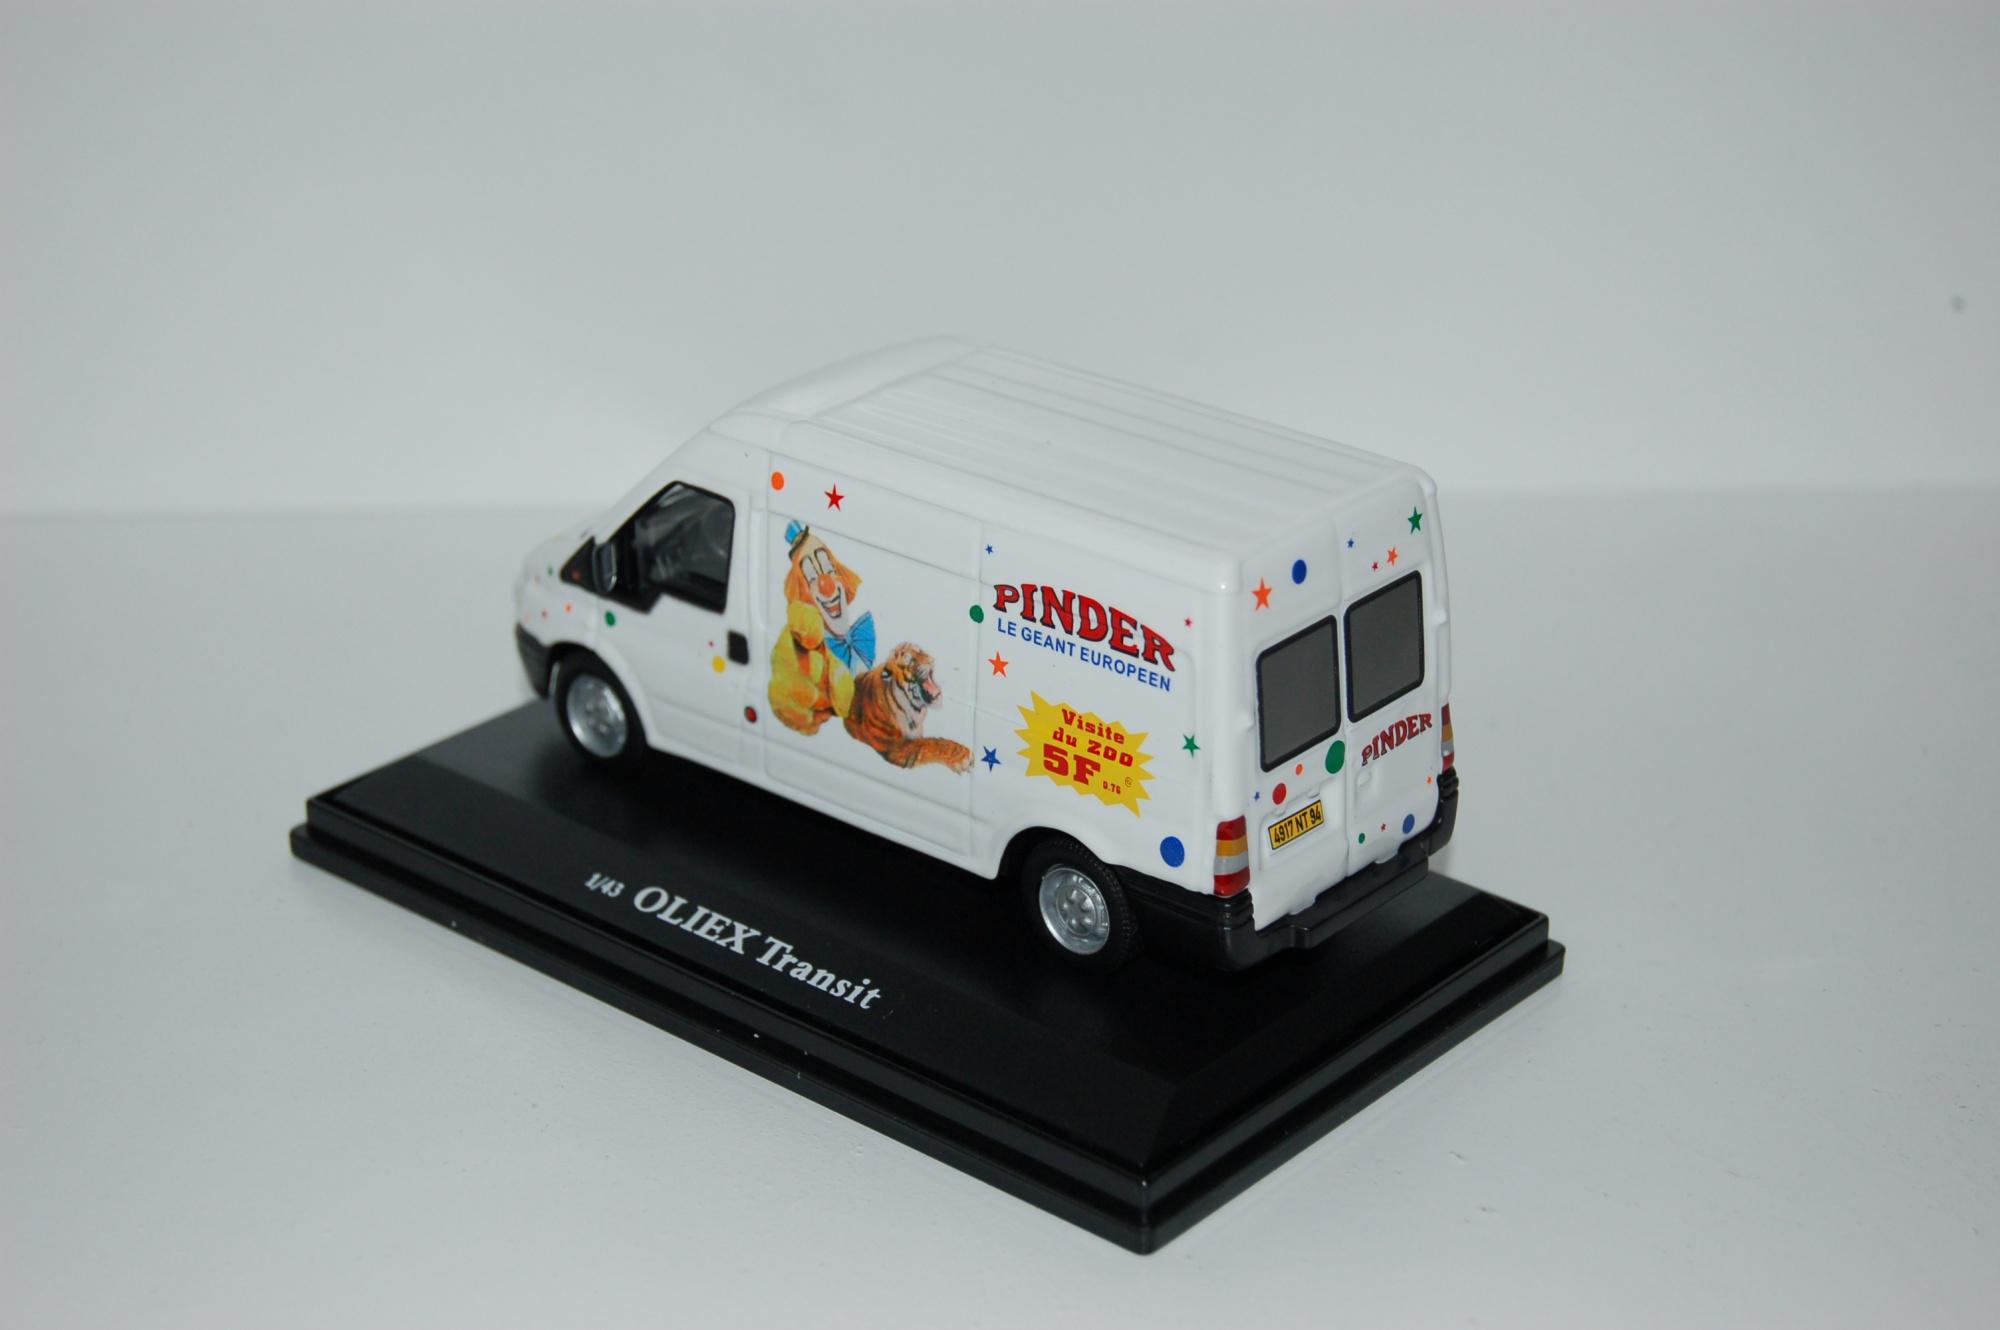 Ford Transit Pinder